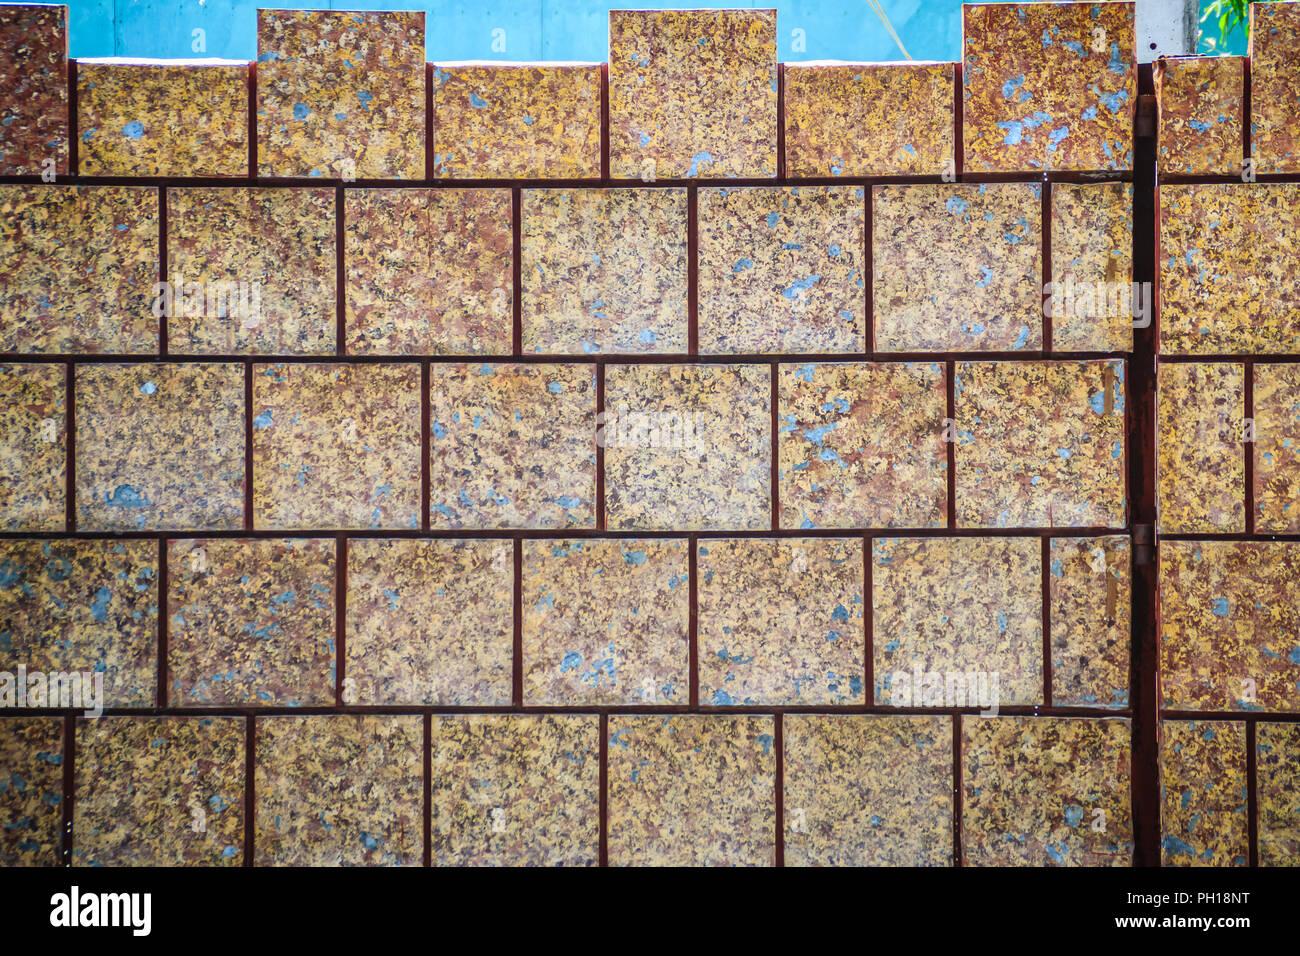 Rosolare le piastrelle di ceramica modellato in sporco laterite muro